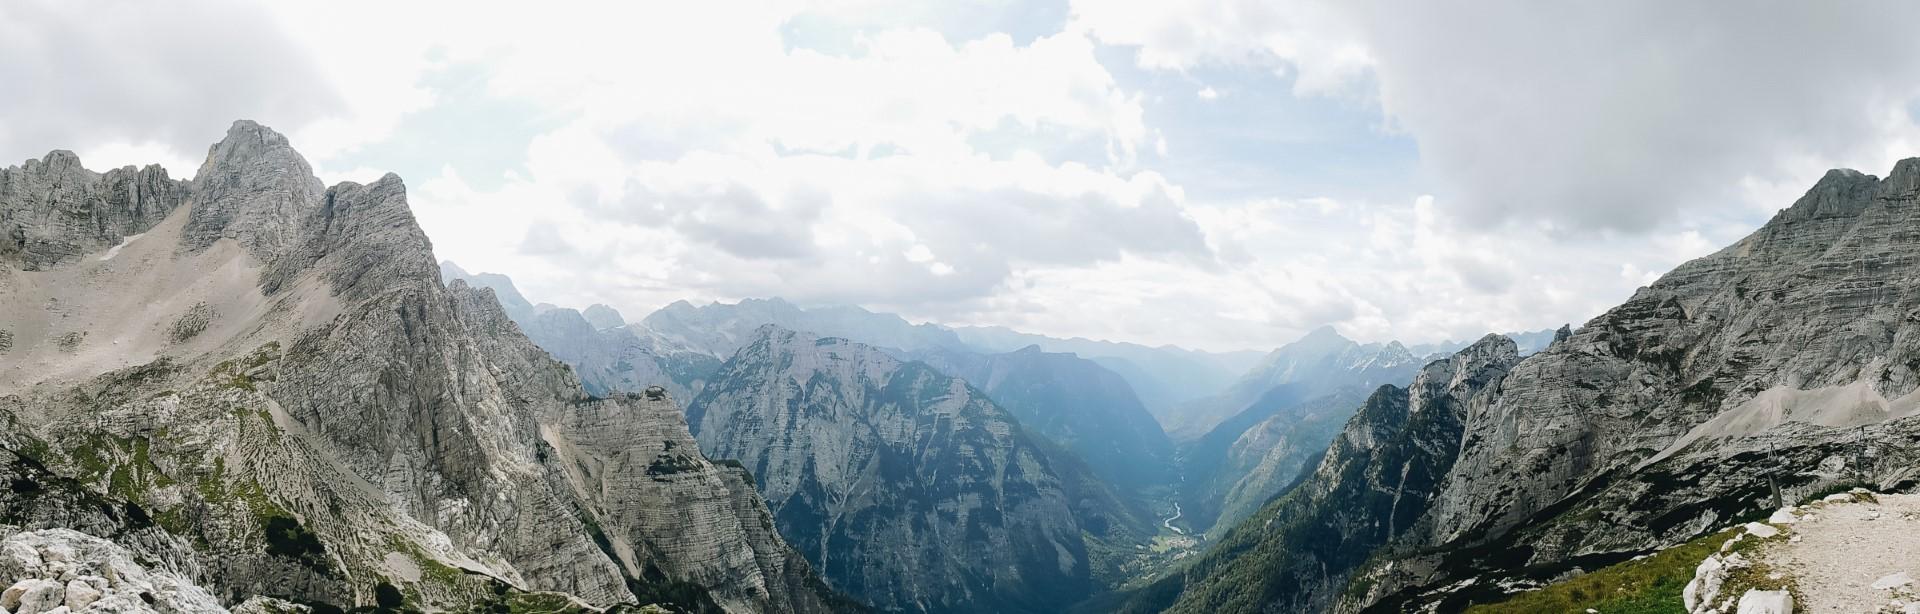 Widok na Alpy Julijskie ze szlaku na Razor.